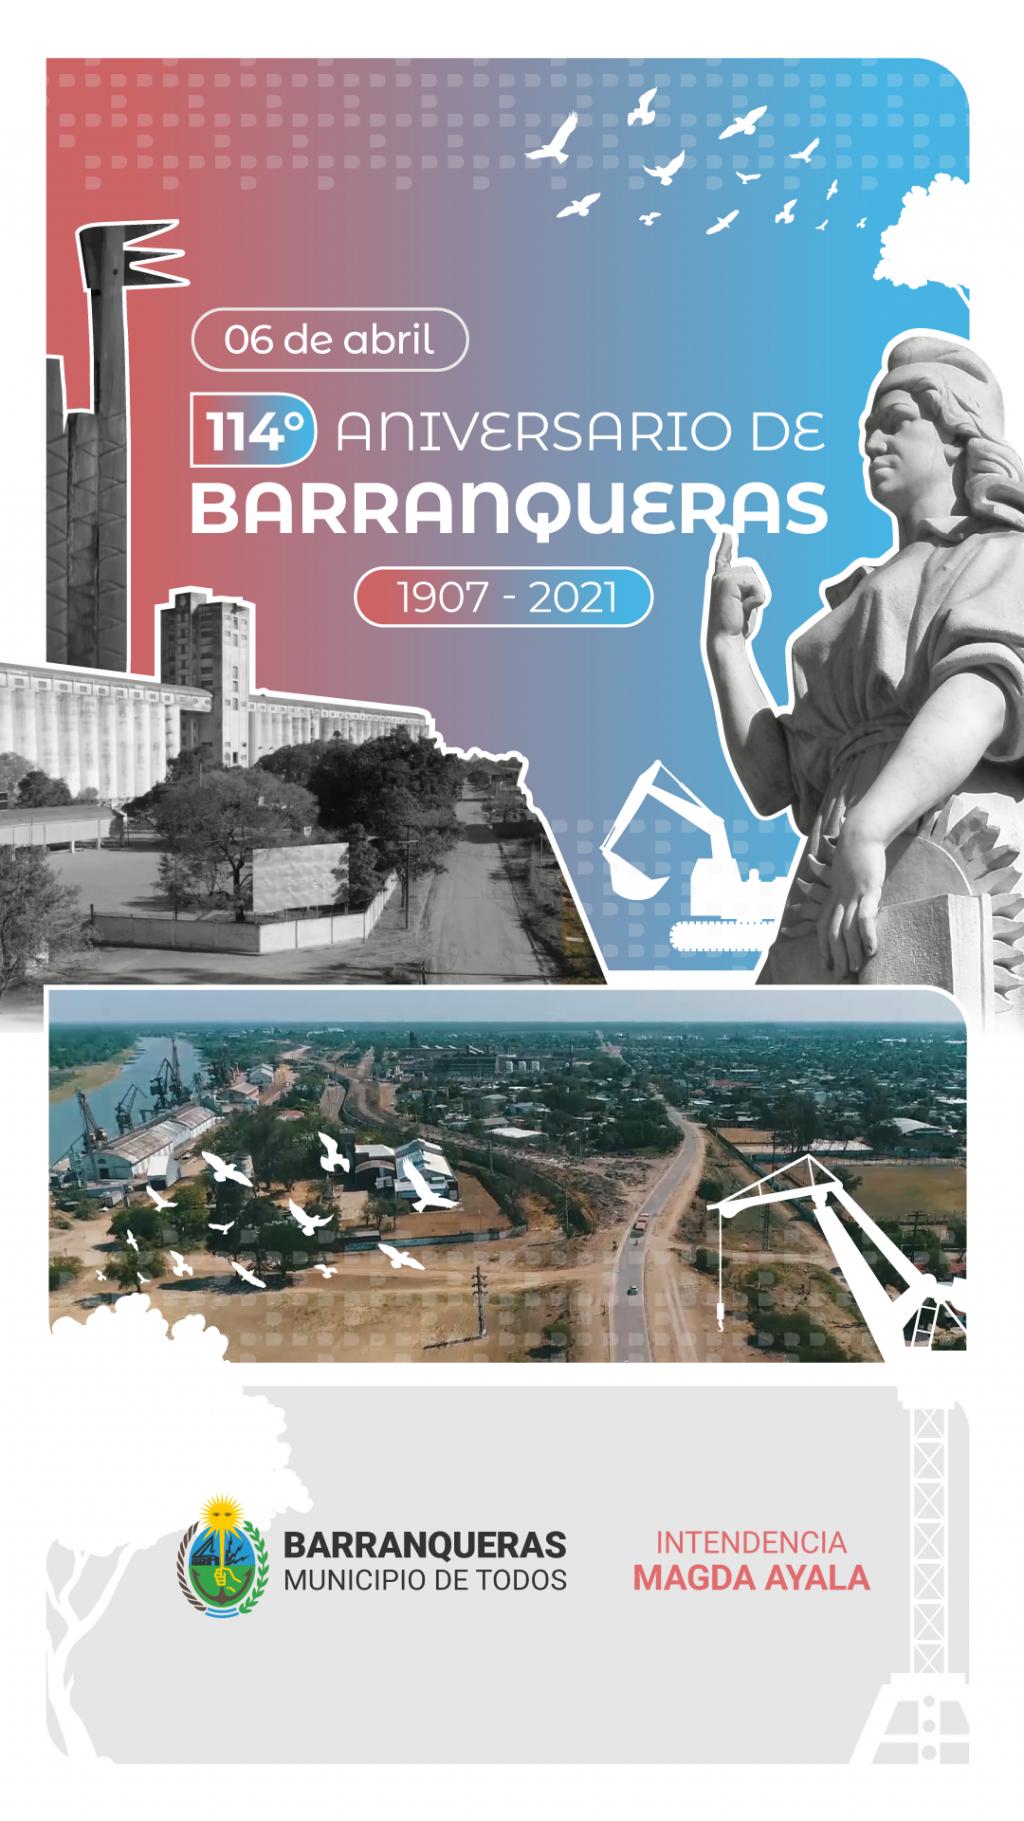 Barranqueras cumple 114 años de historia